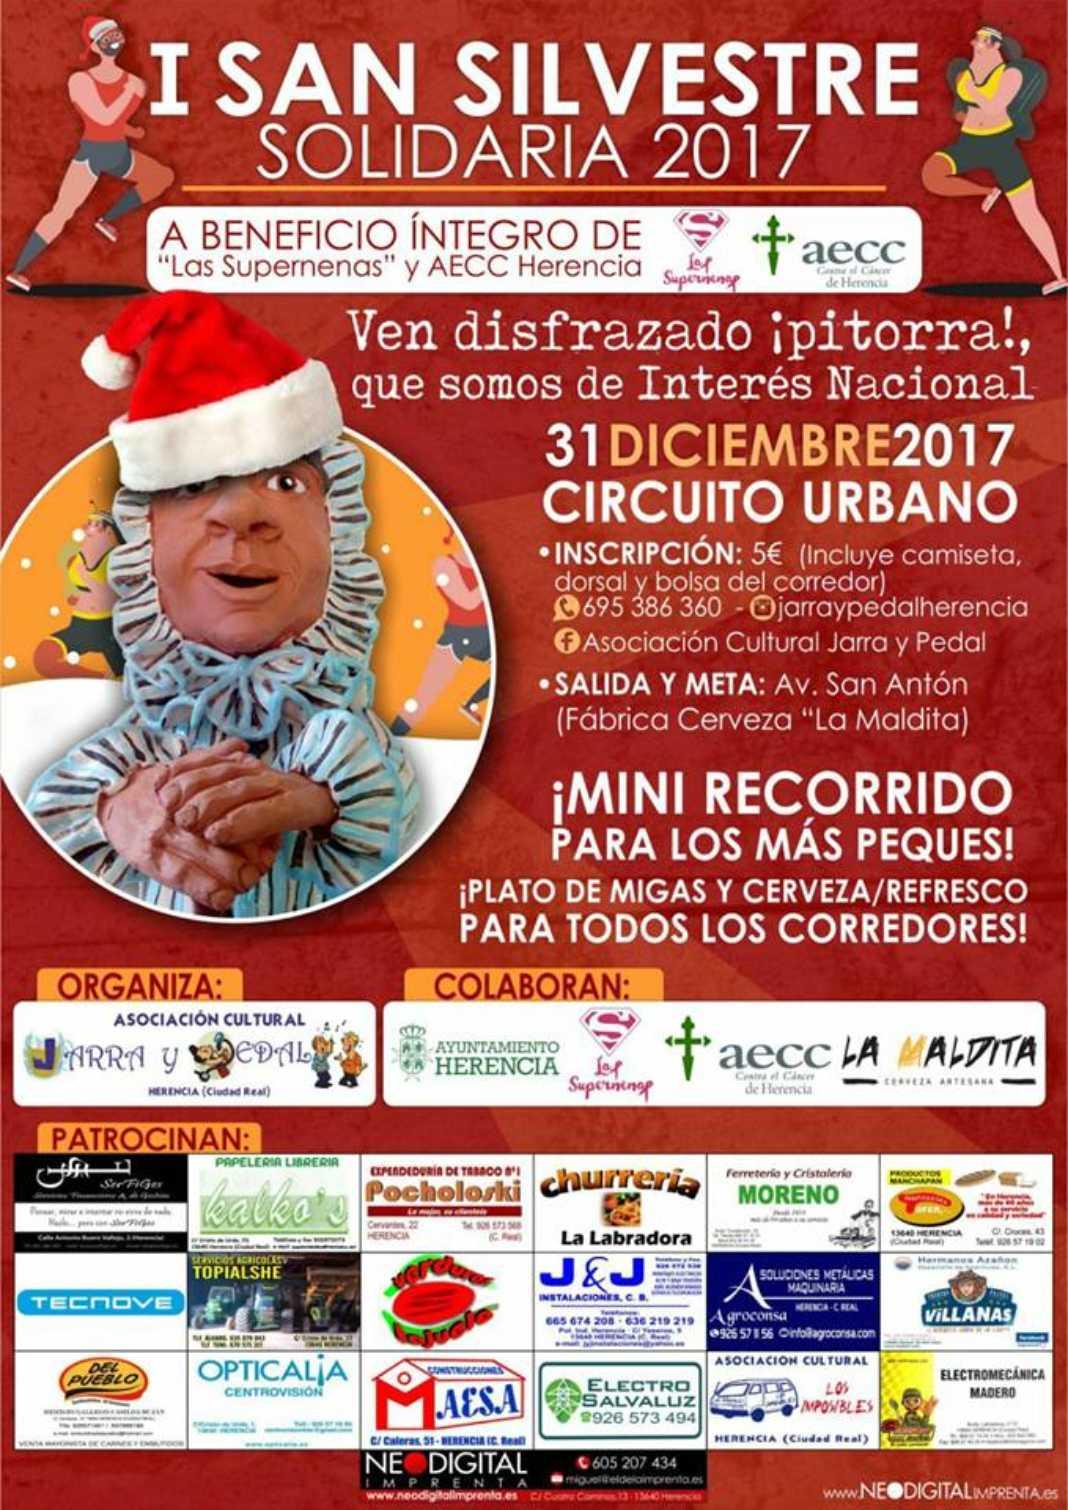 I San Silvestre Solidaria 2017 Herencia 1068x1510 - Jarra y Pedal organiza su I San Silvestre solidaria en Herencia